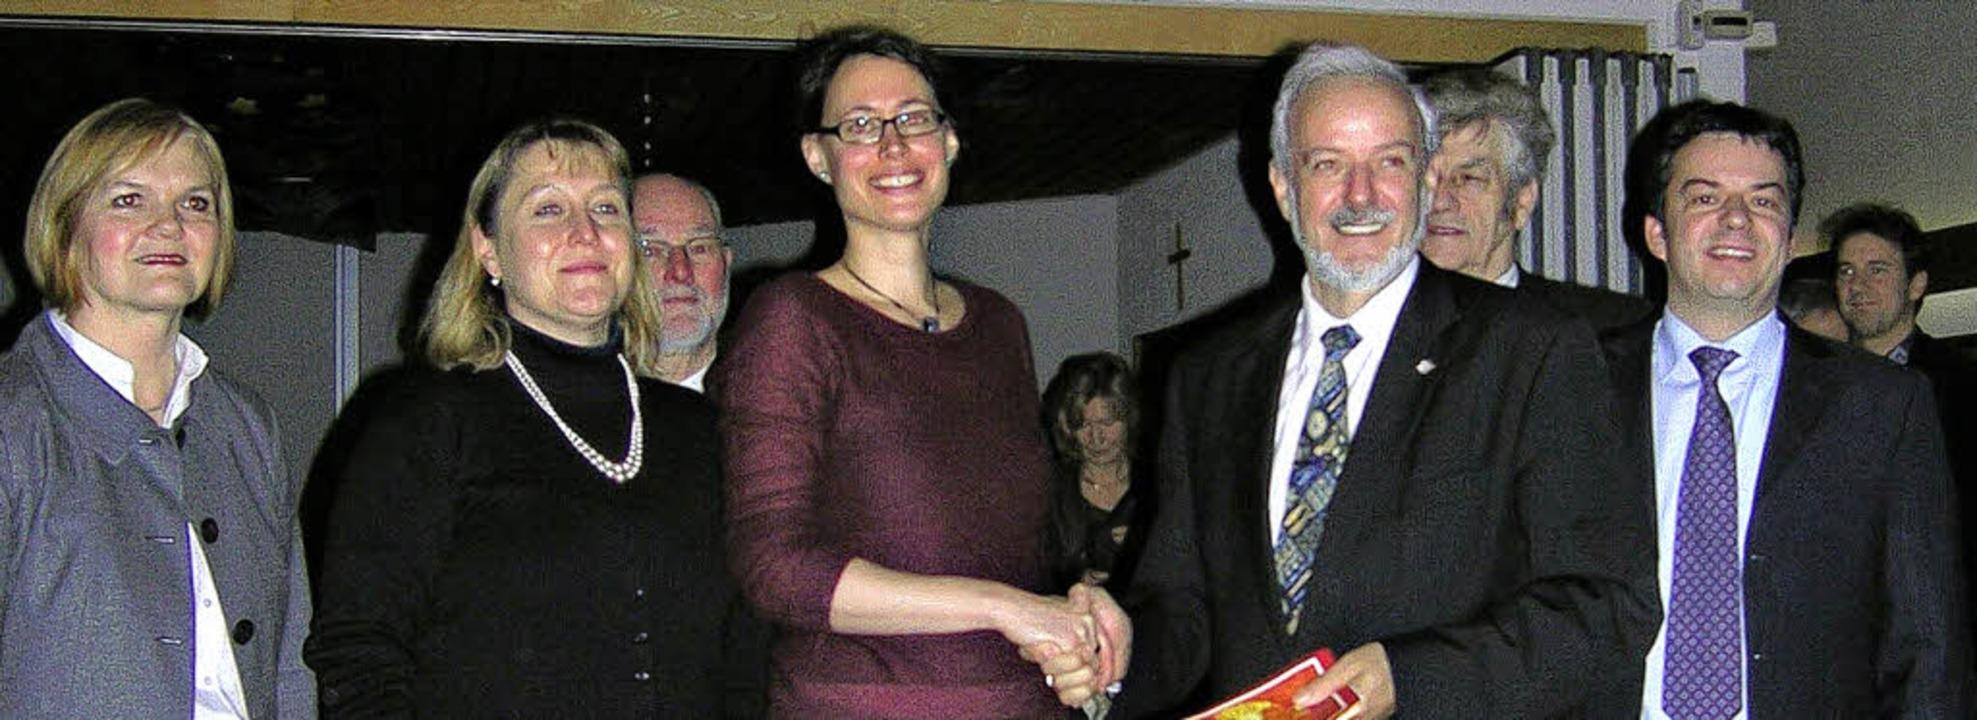 Amtseinführung, vorne von links: Amand...ürgermeister Oliver Grumber (Weisweil)  | Foto: Ute Schöler